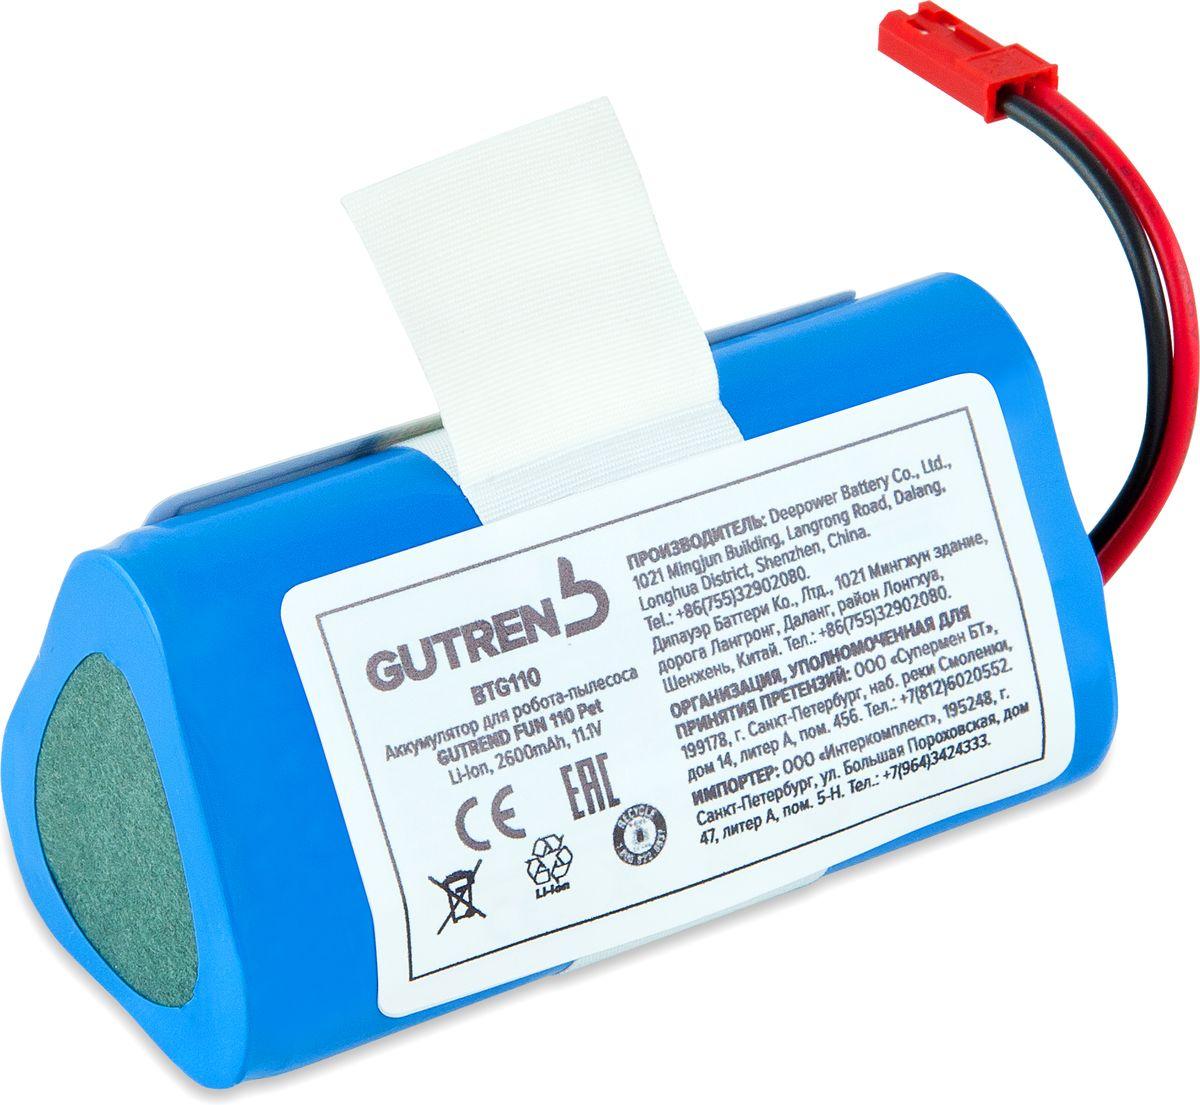 Gutrend BTG110 аккумуляторная батарея для Fun 110 Pet - Бытовые аксессуары